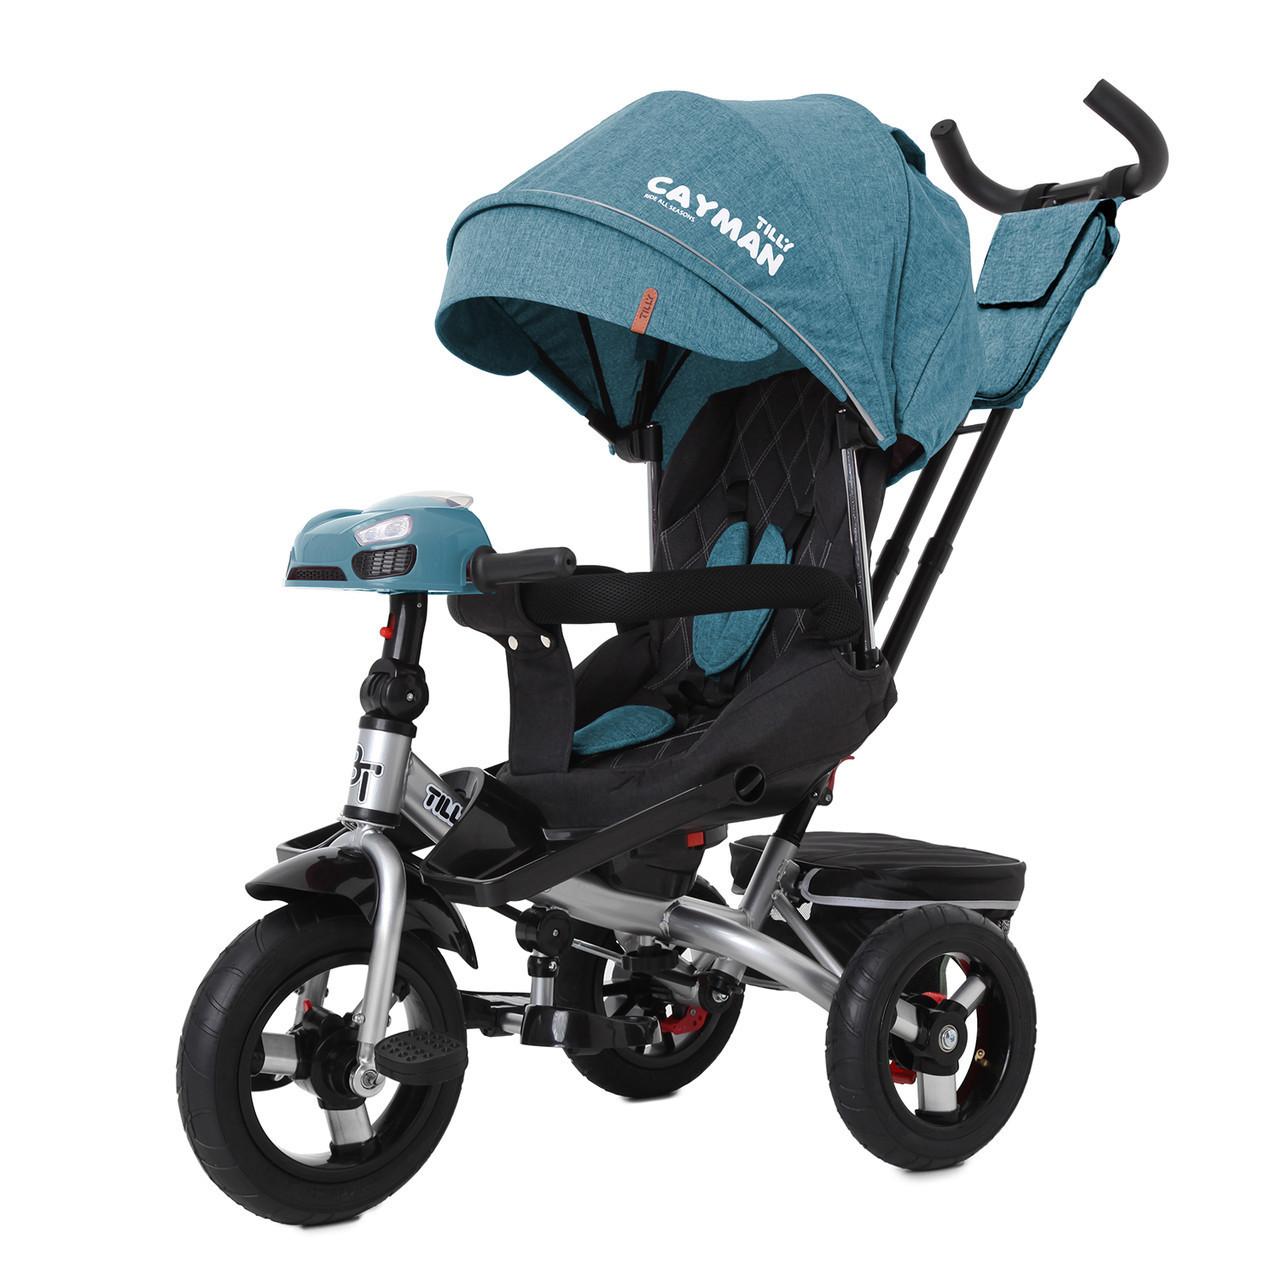 Триколісний велосипед для дітей від 1 року з ручкою для батьків Tilly Cayman T-381/6, бірюзовий льон